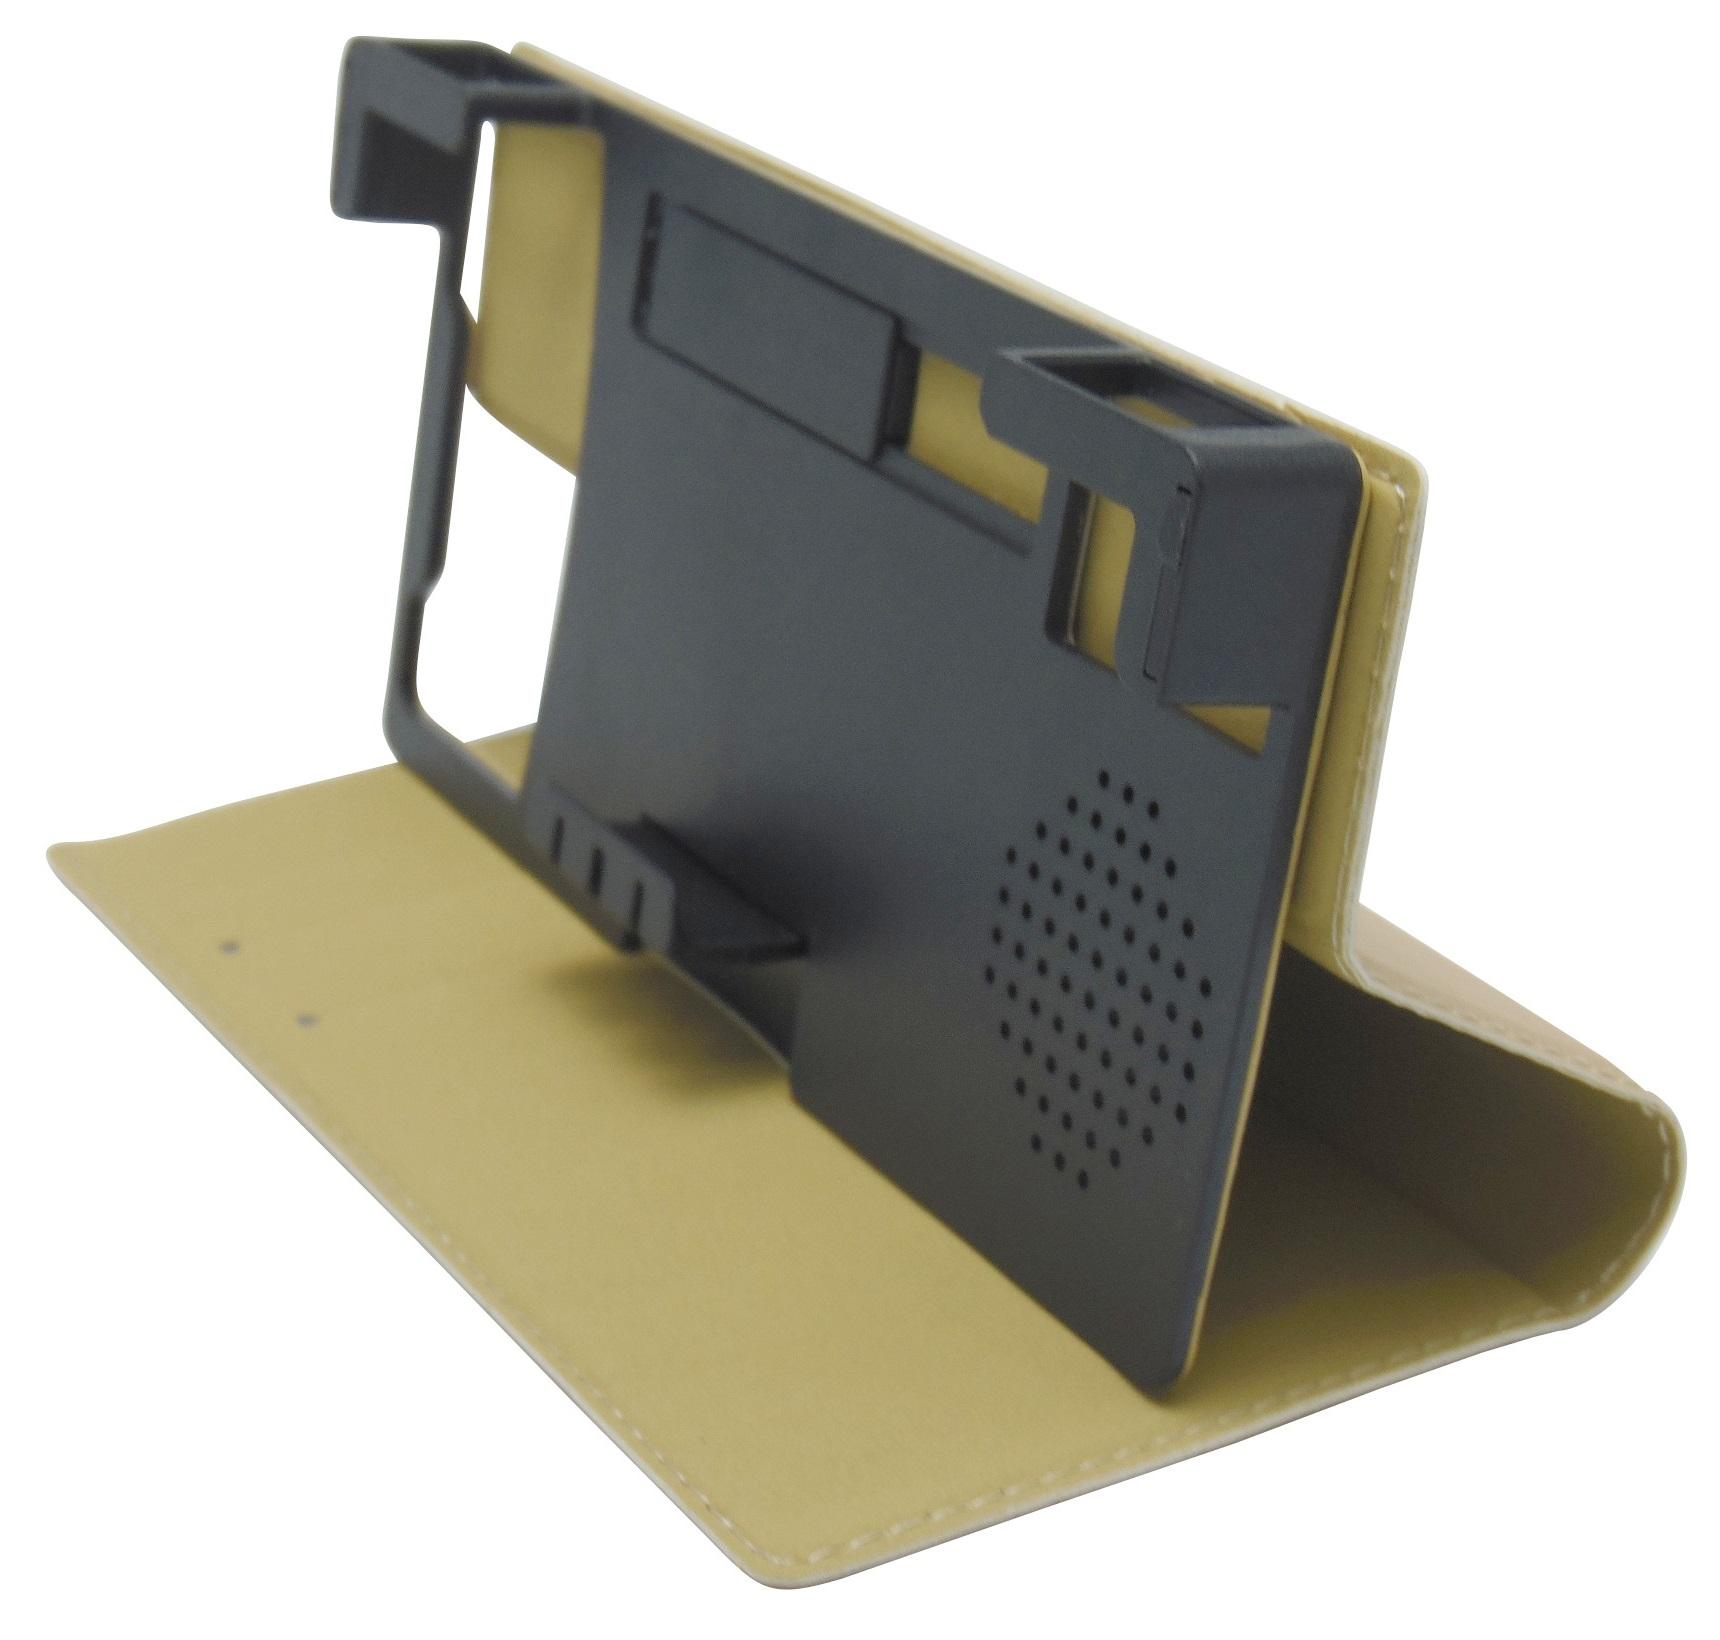 Husa universala GreenGo Smart Master aurie (reglabila) cu stand si rama mobila pentru telefoane cu diagonala de 4 - 4,5 inch